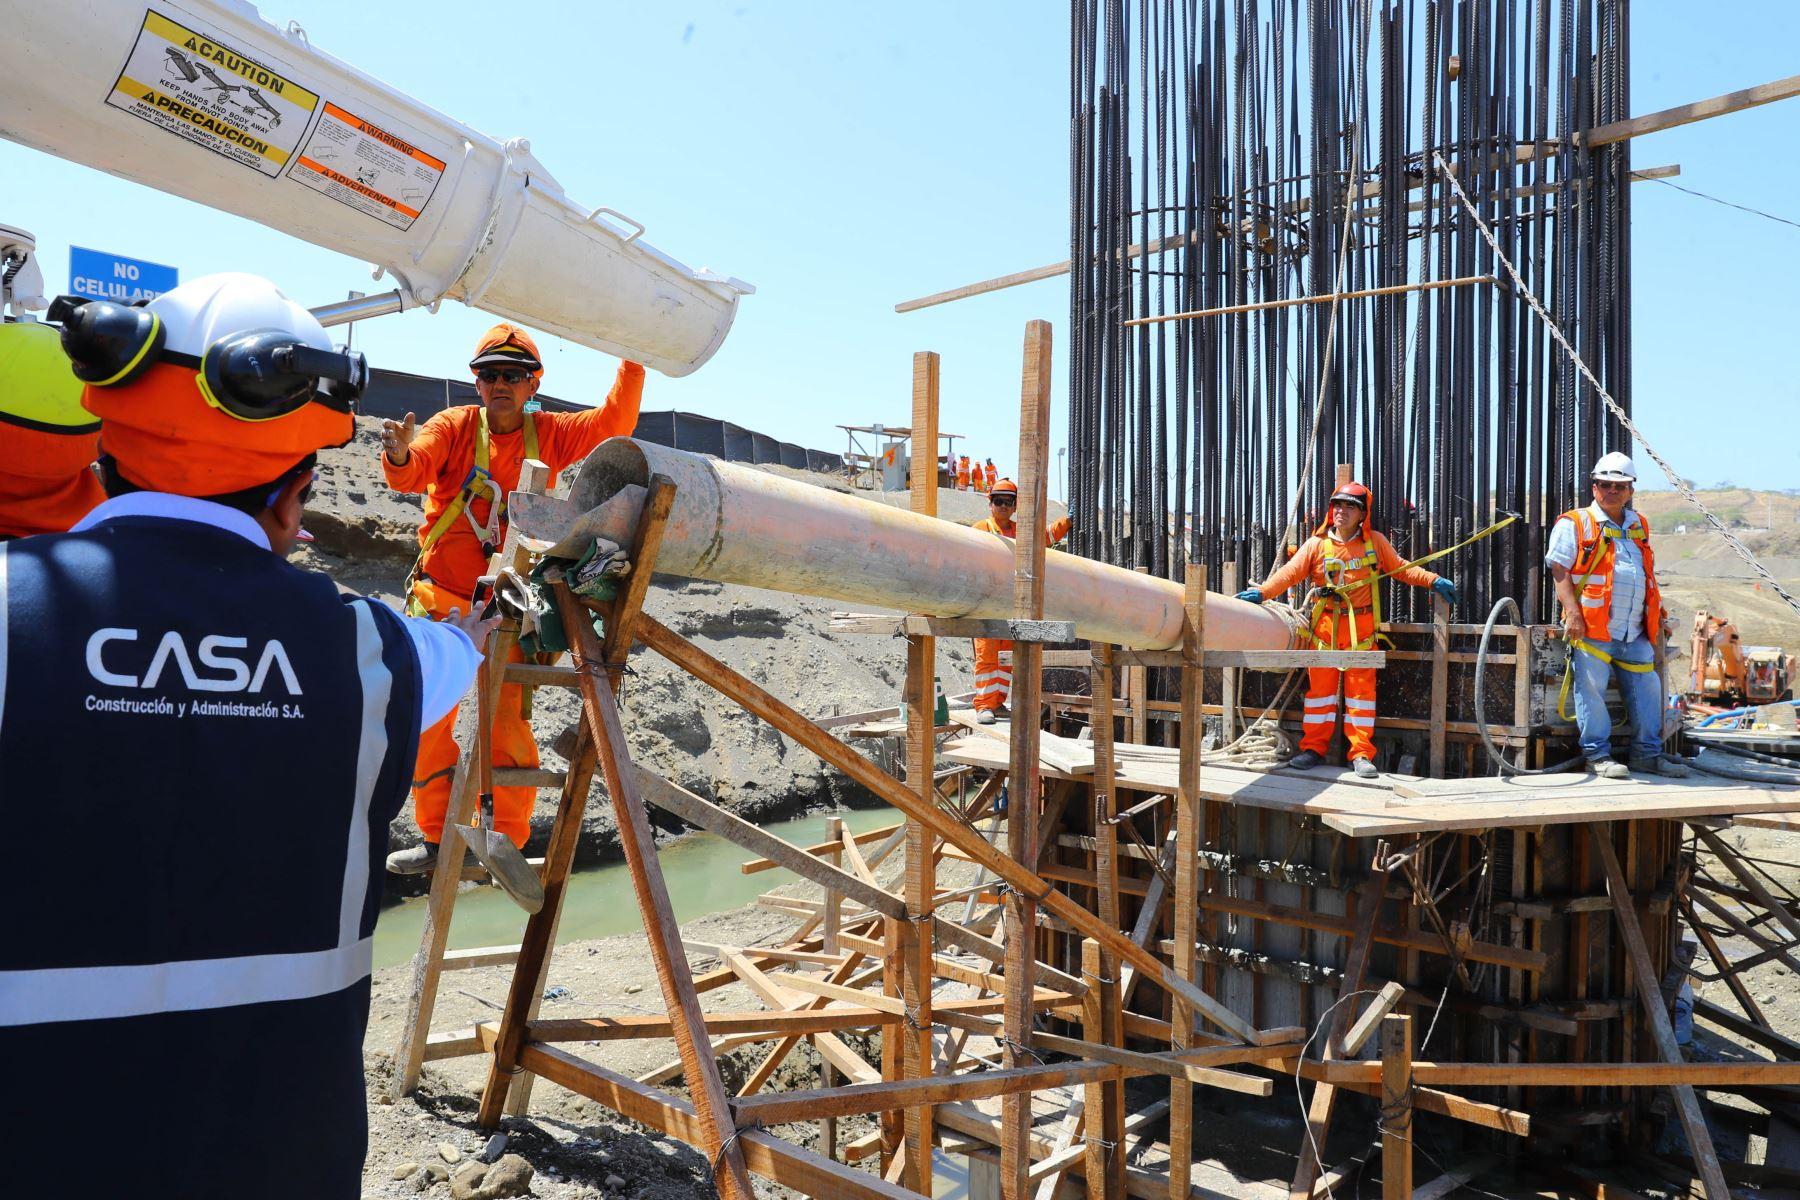 Construcción del puente Venados en la provincia de Sullana, región Piura, demandará inversión superior a 50 millones de soles. ANDINA/Prensa Presidencia